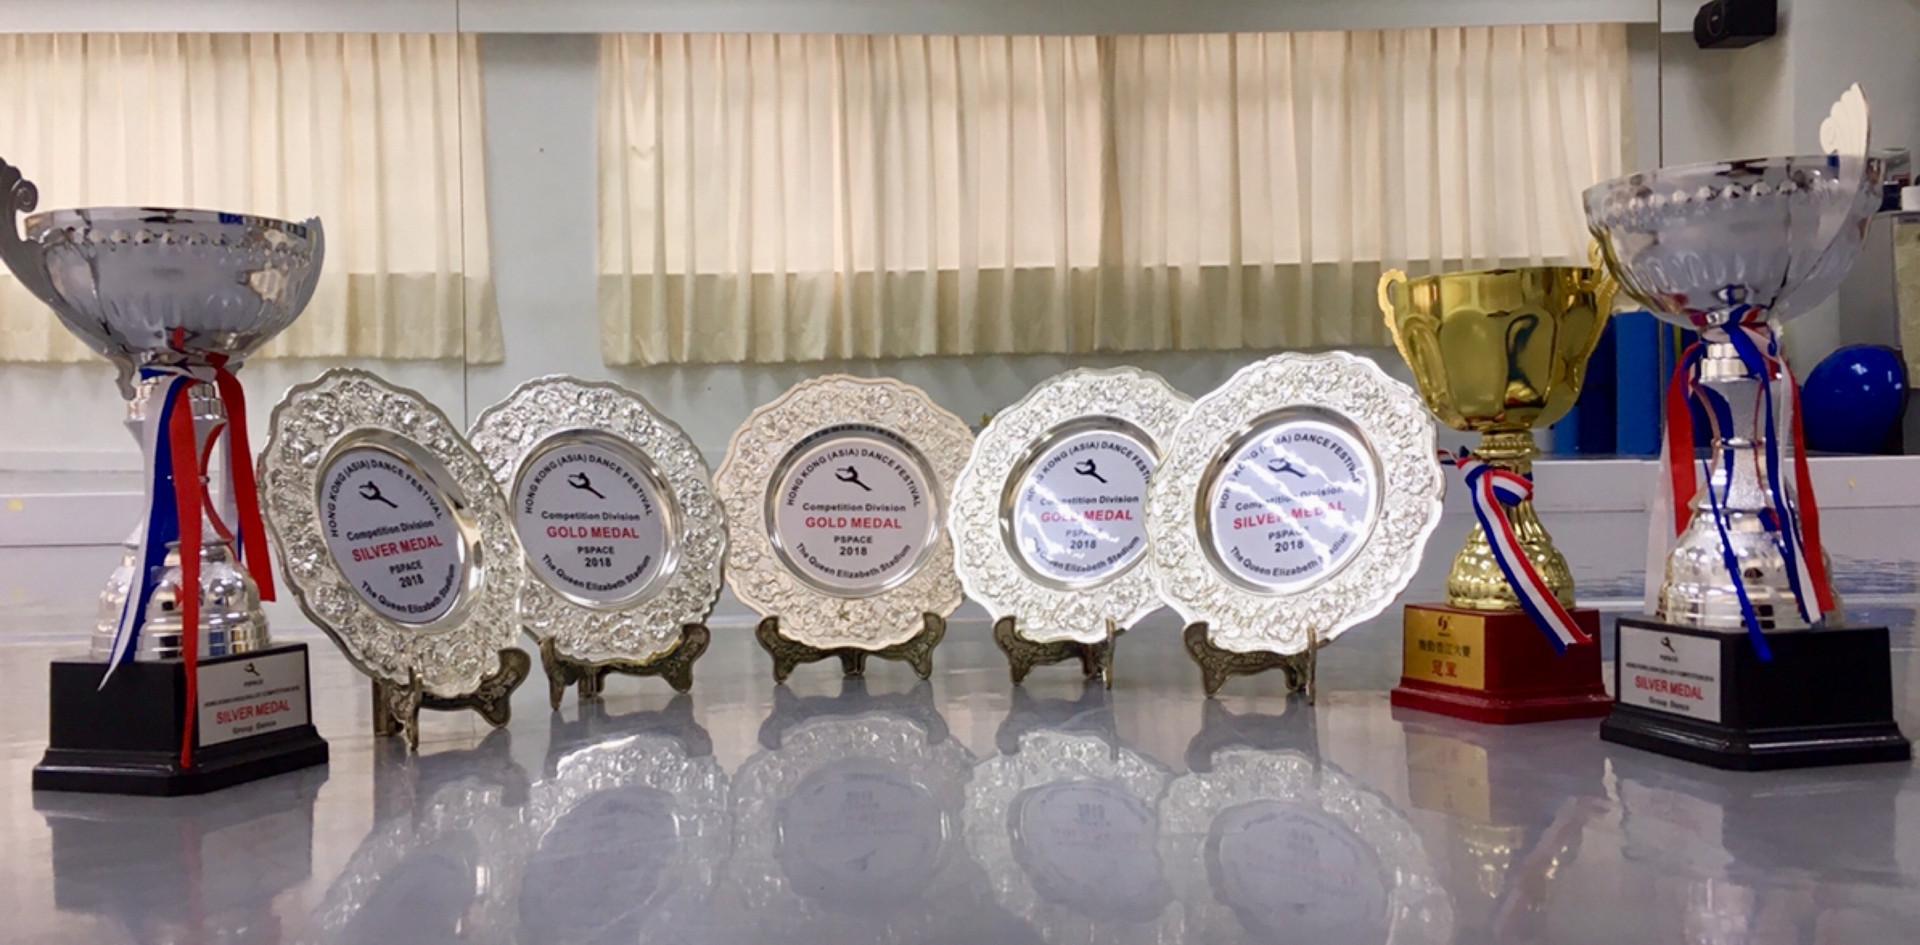 Awards in 2018